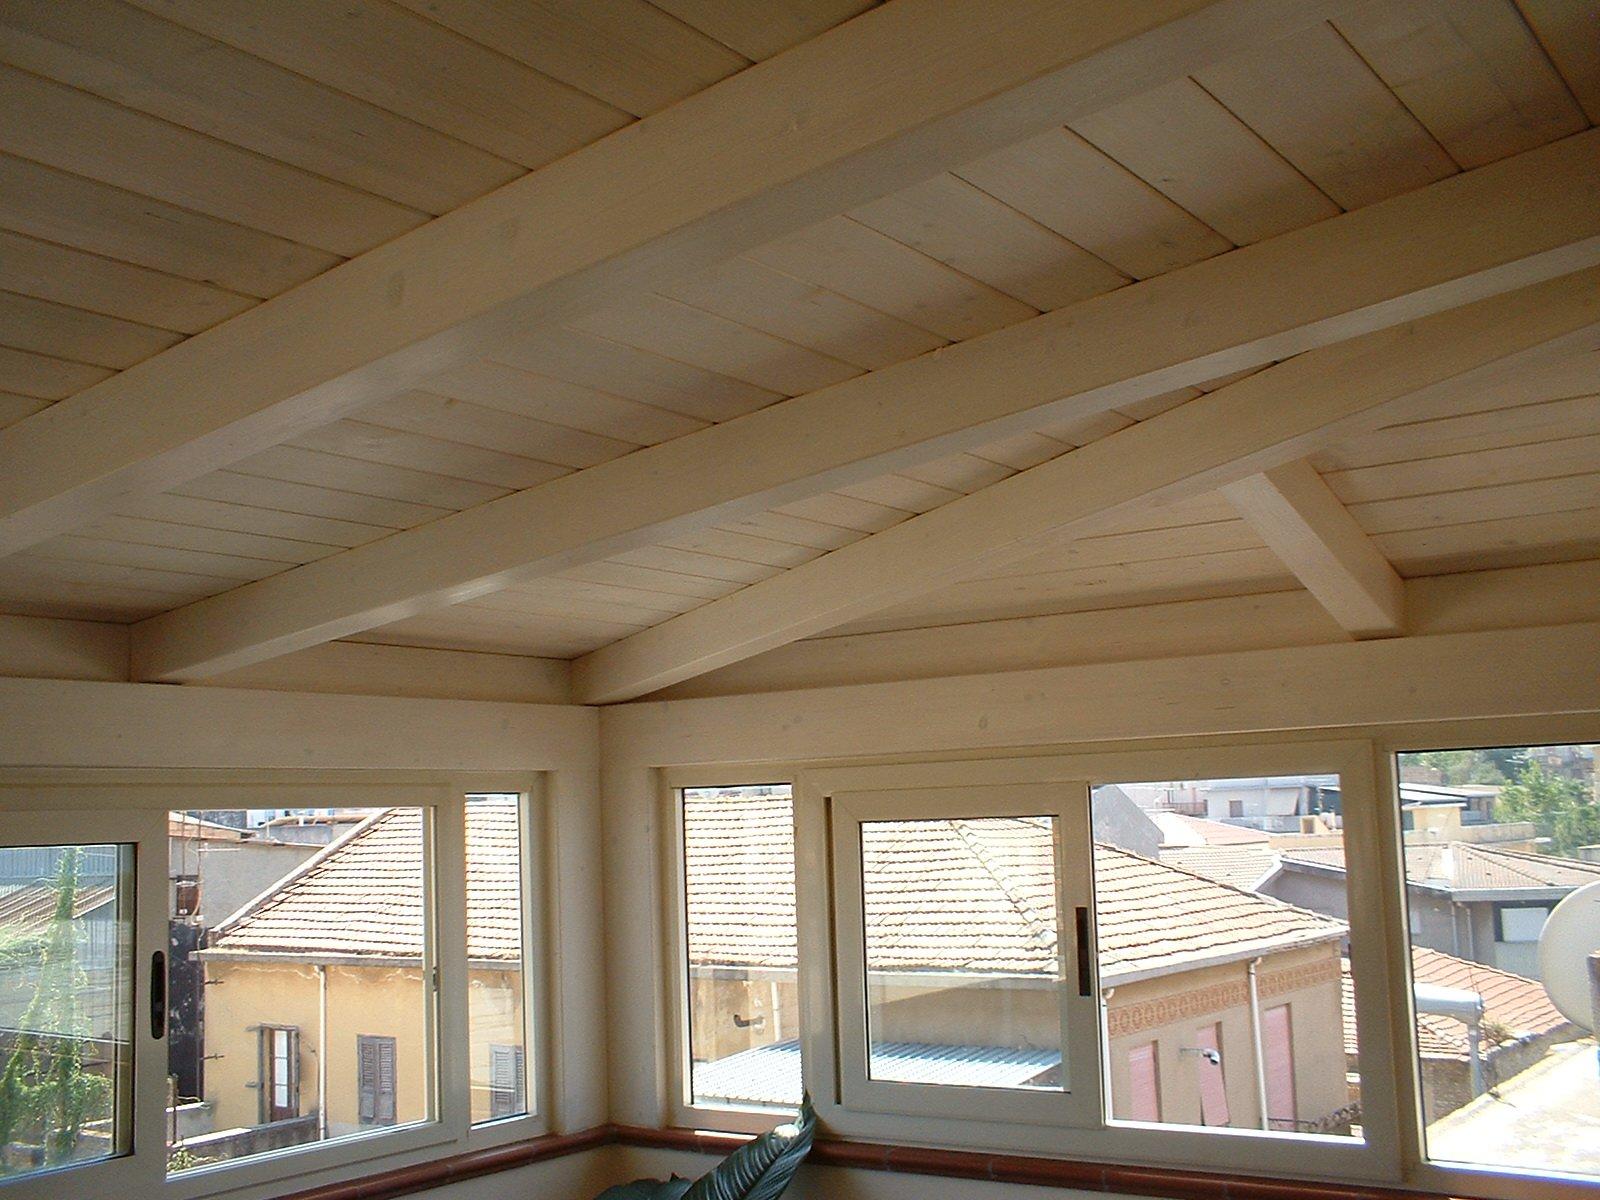 Verande in legno prezzi al mq great verande in legno prezzi al mq with verande in legno prezzi - Prezzo finestre pvc al mq ...